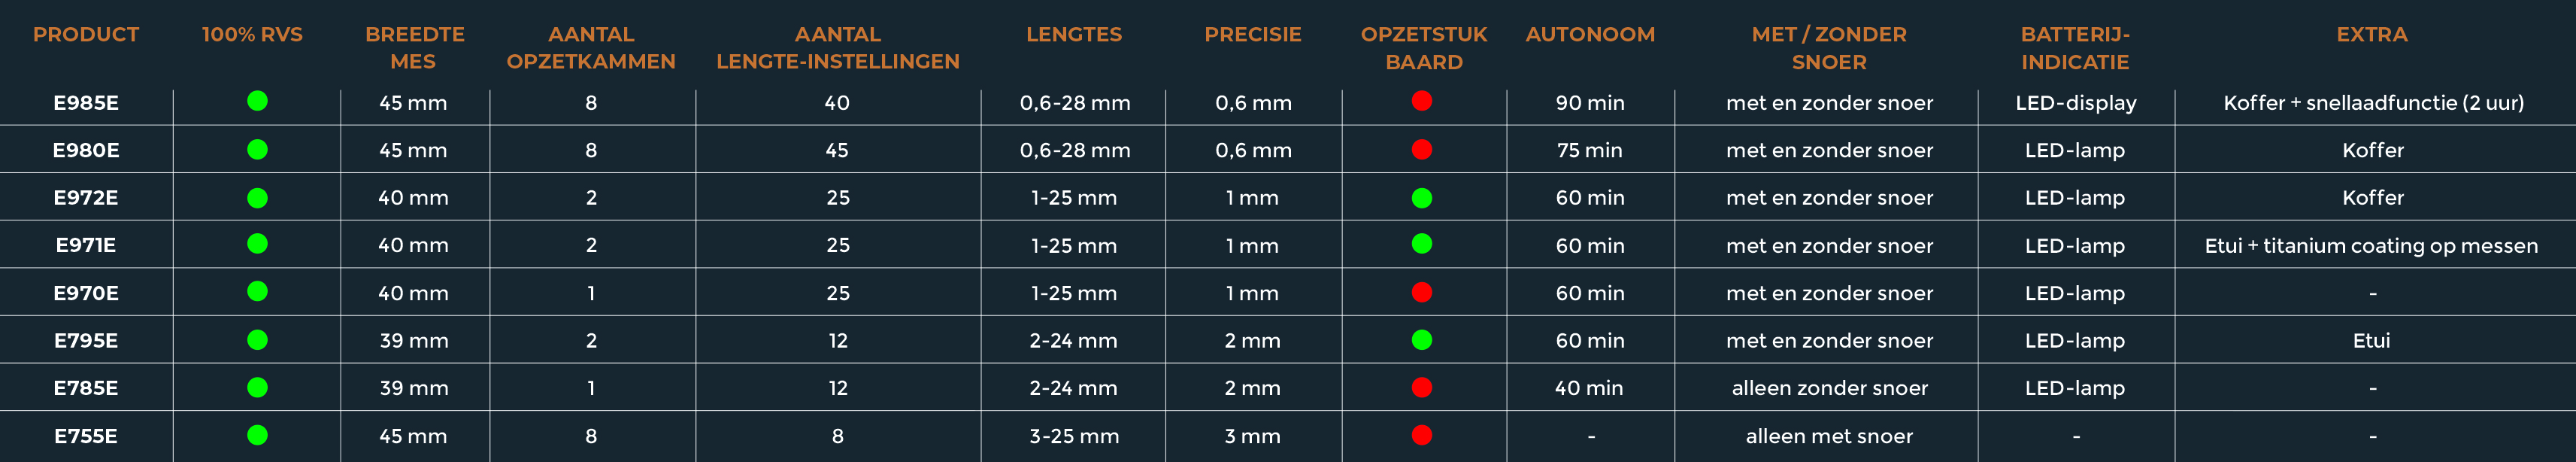 Vergelijkingstabel tondeuses In Control